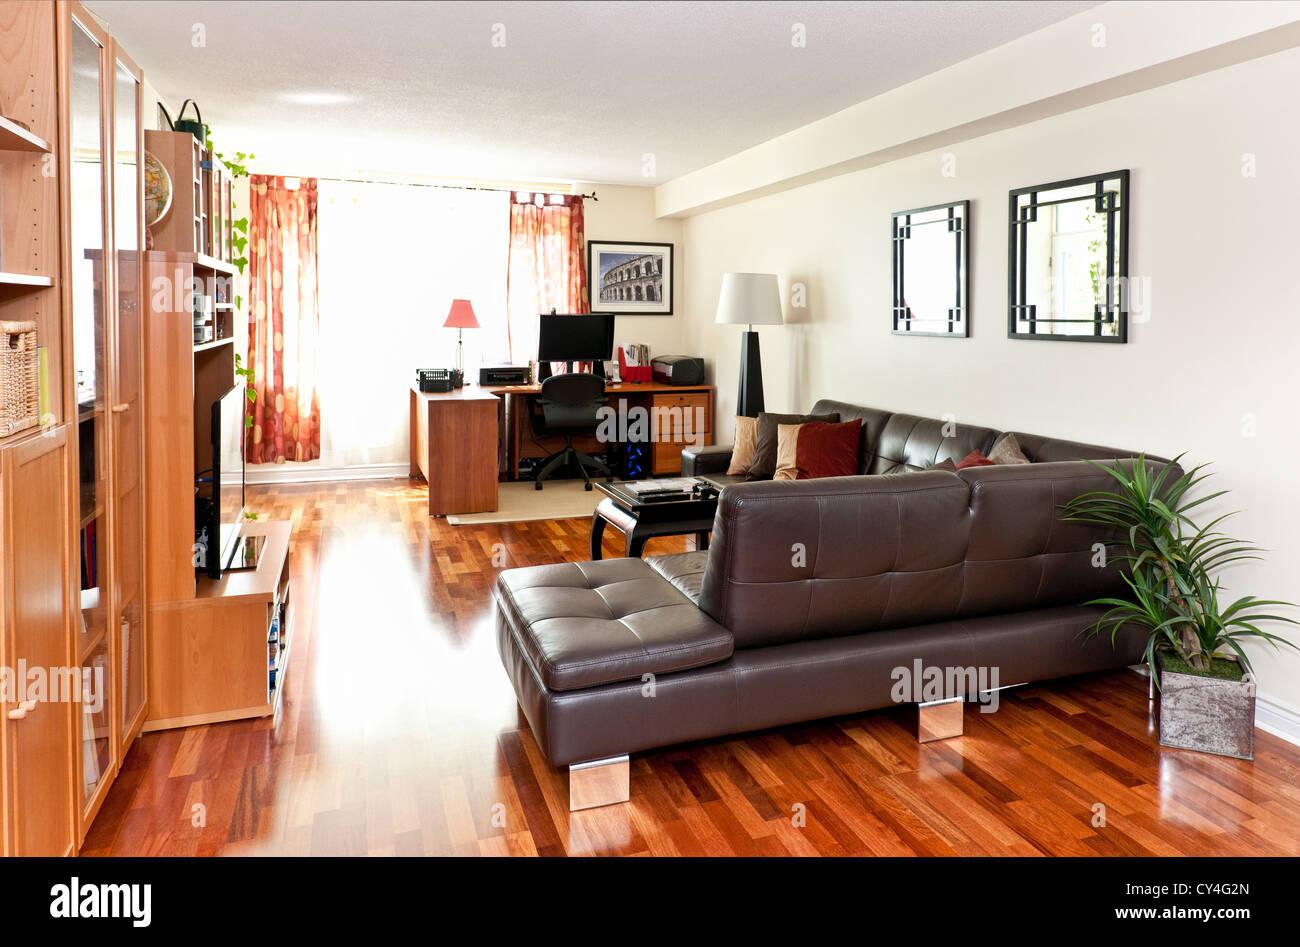 Wohnzimmer mit Parkett - ist Kunstwerk aus Fotograf portfolio Stockbild